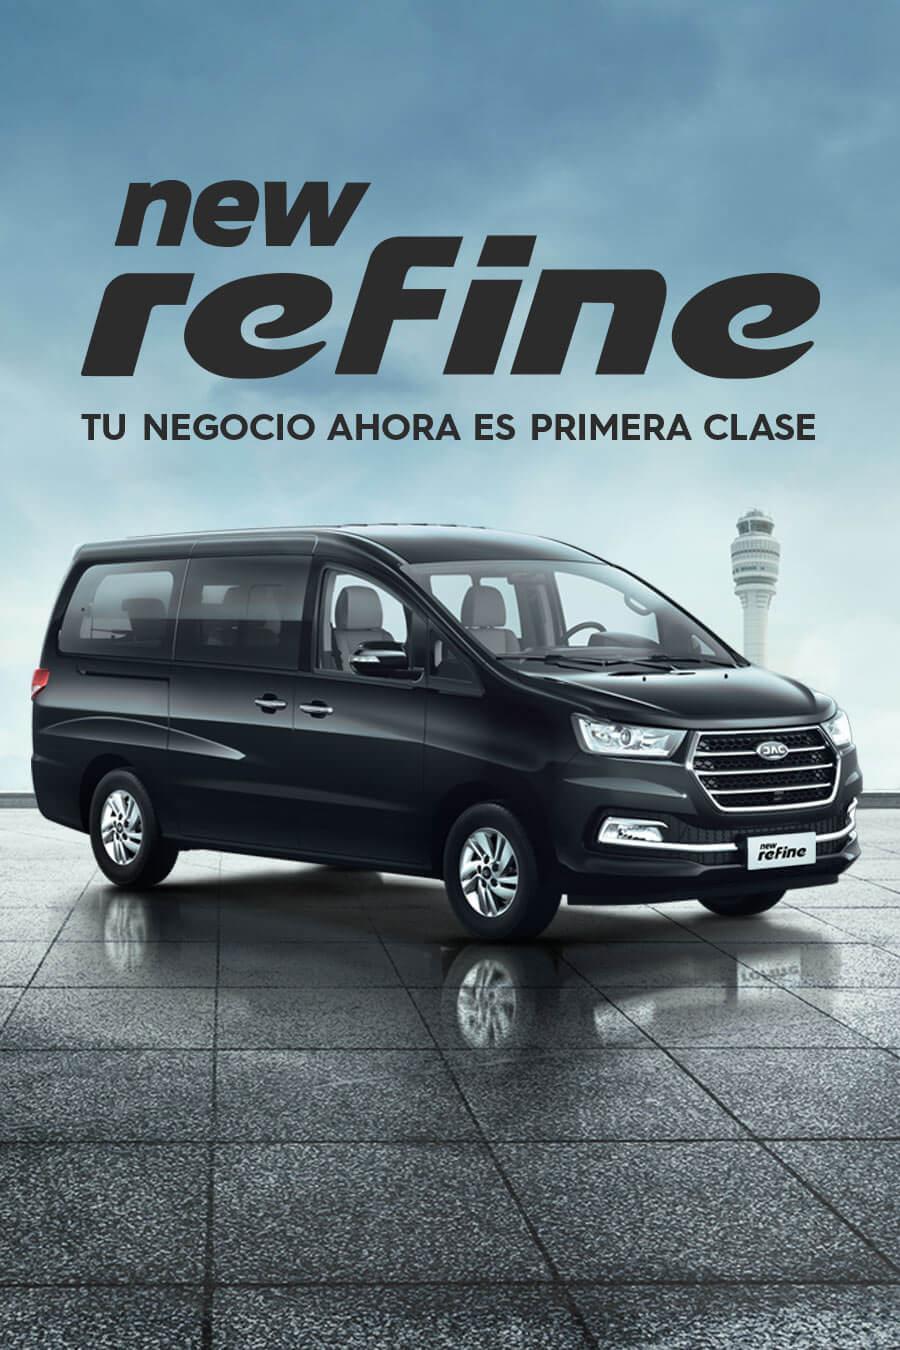 Refine-mobile